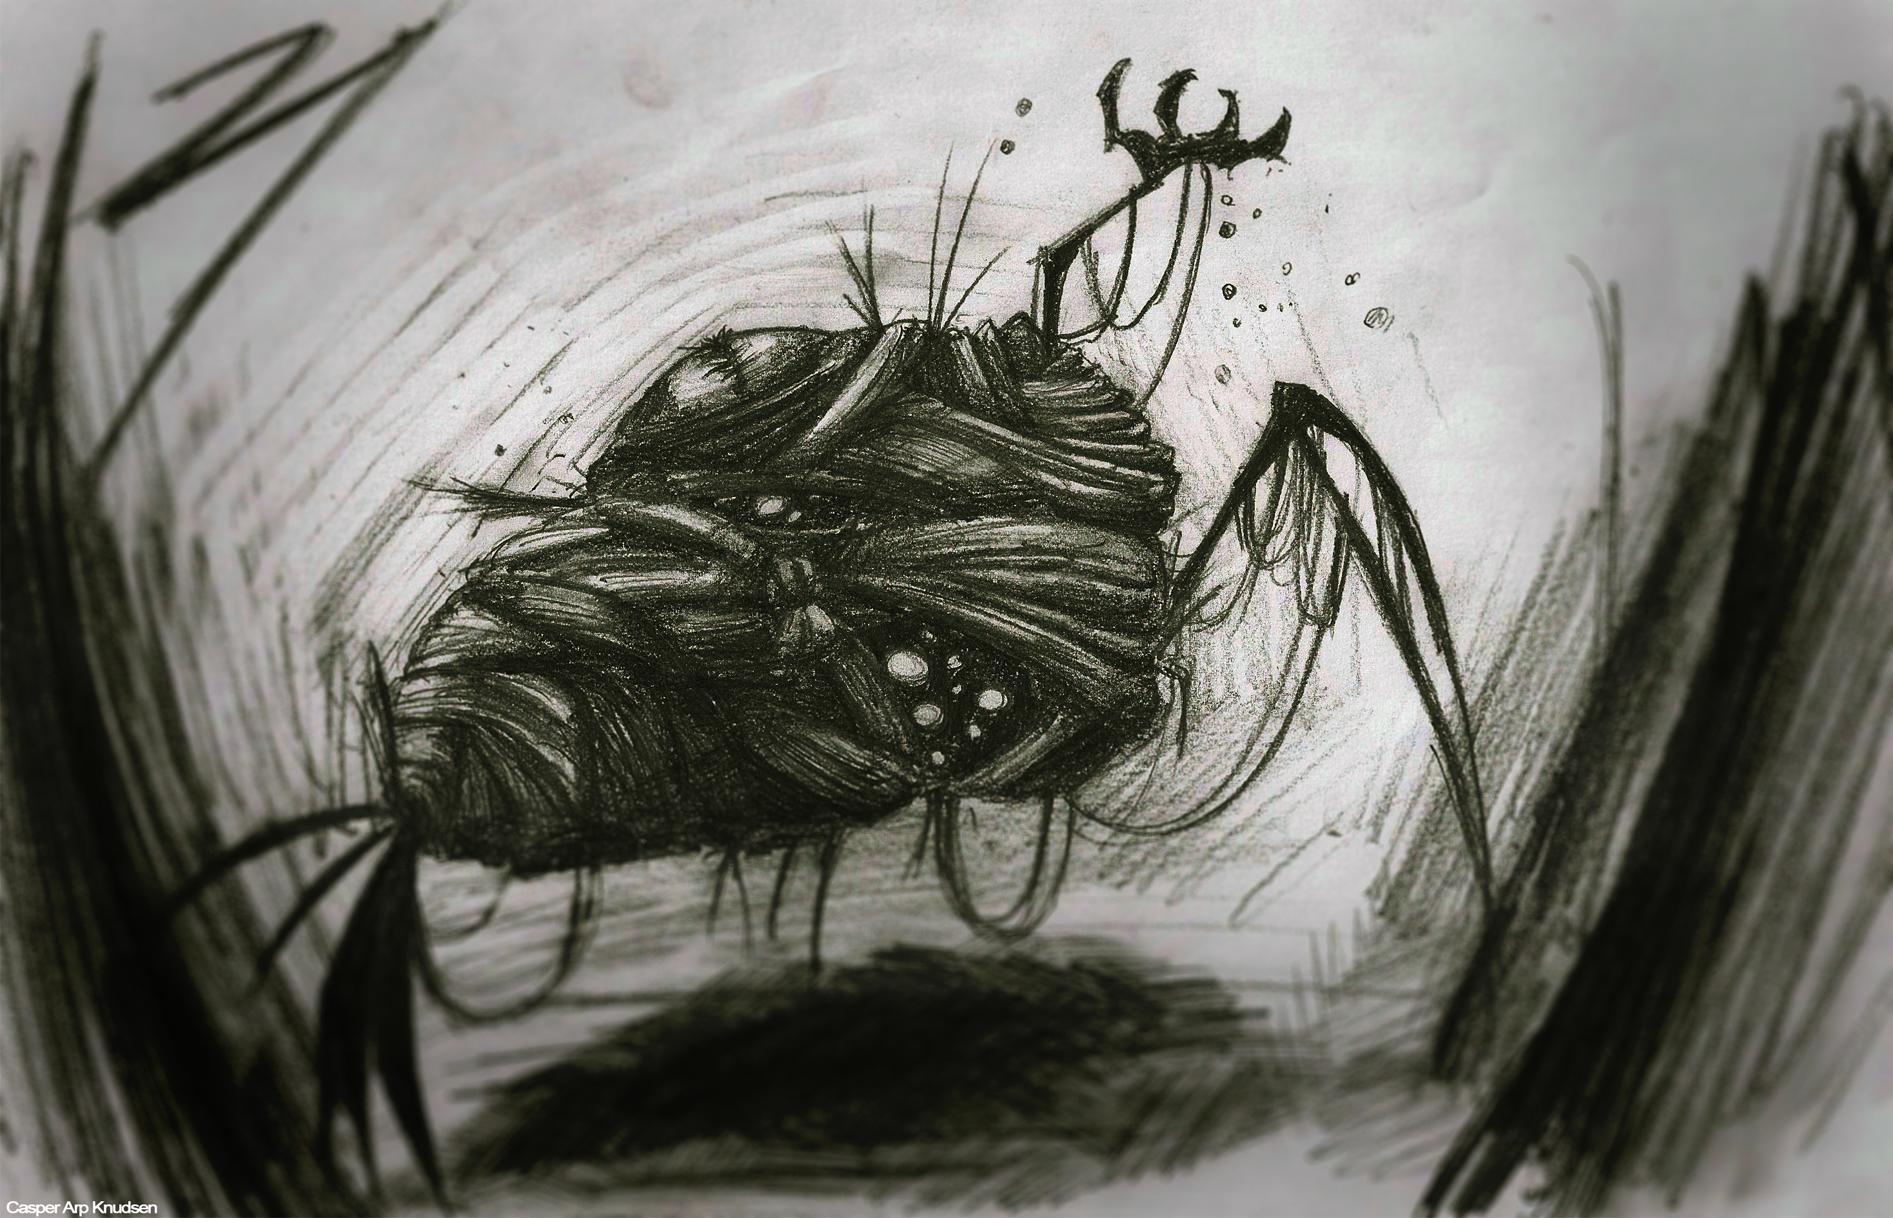 Creature Spawner